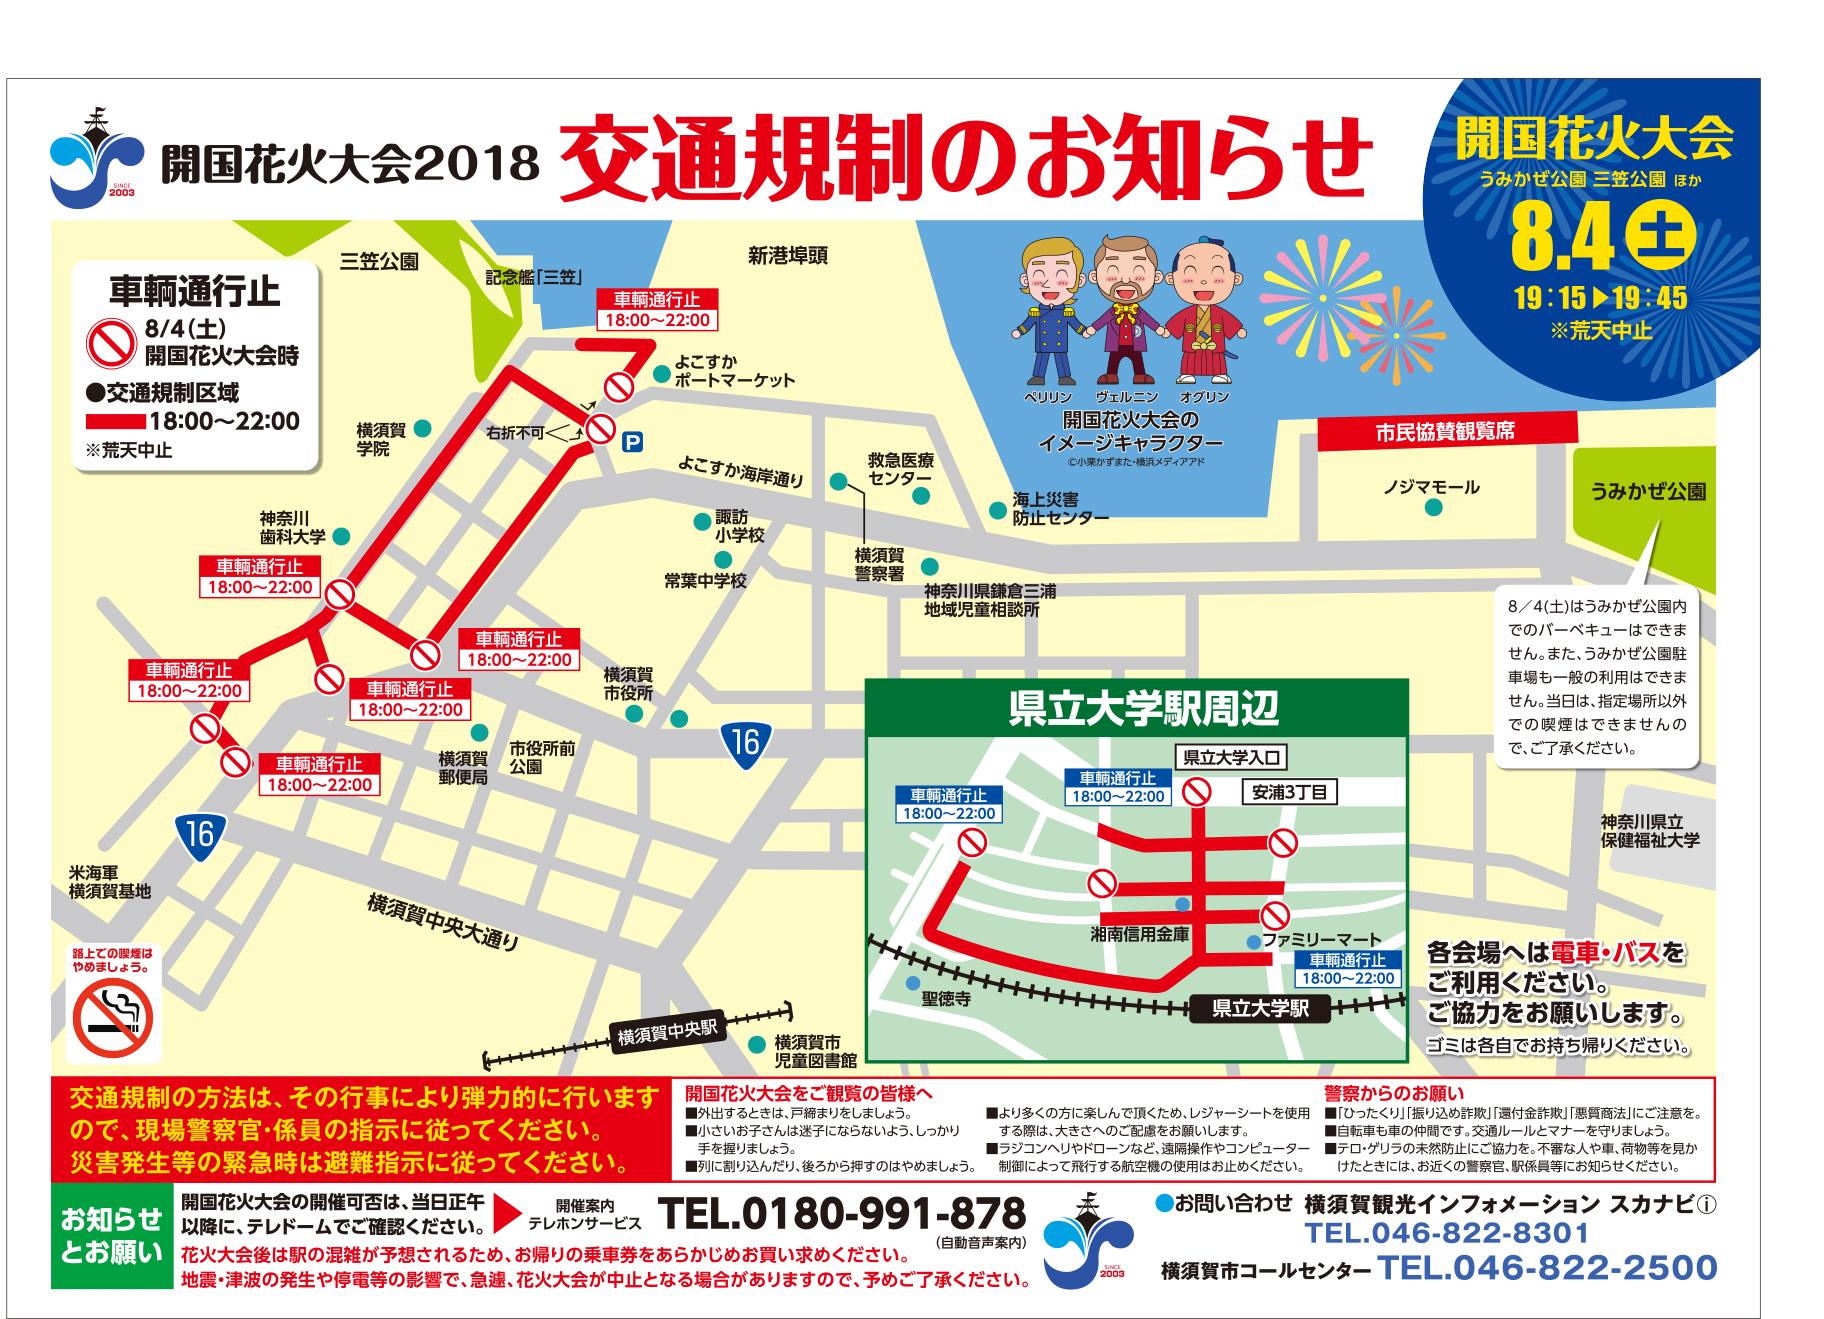 よこすか花火大会2018交通規制マップ